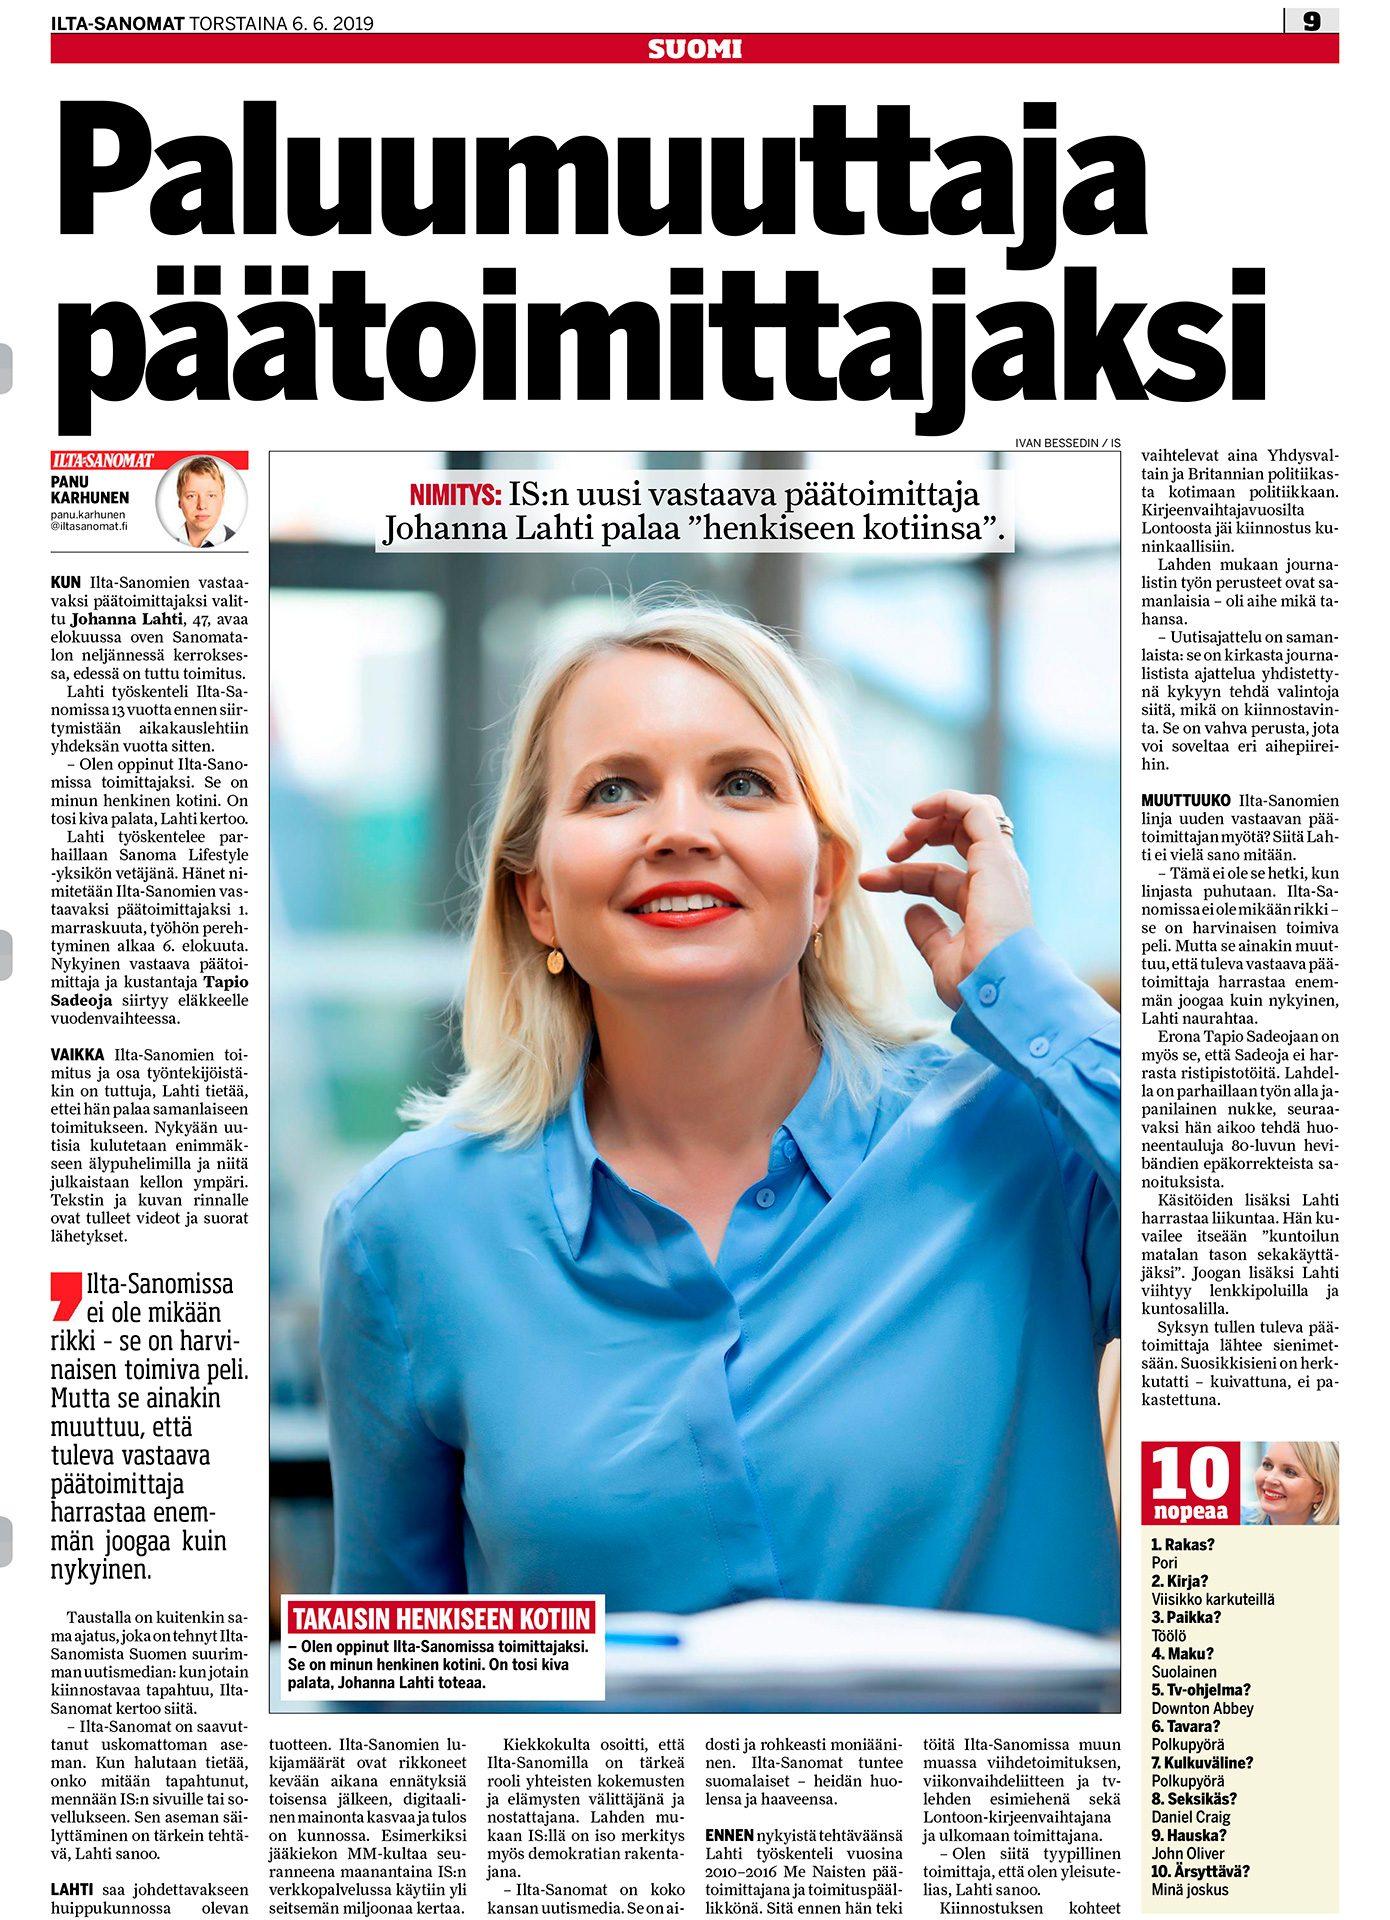 Ilta-Sanomat, Johanna Lahti, IS:n päätoimittaja